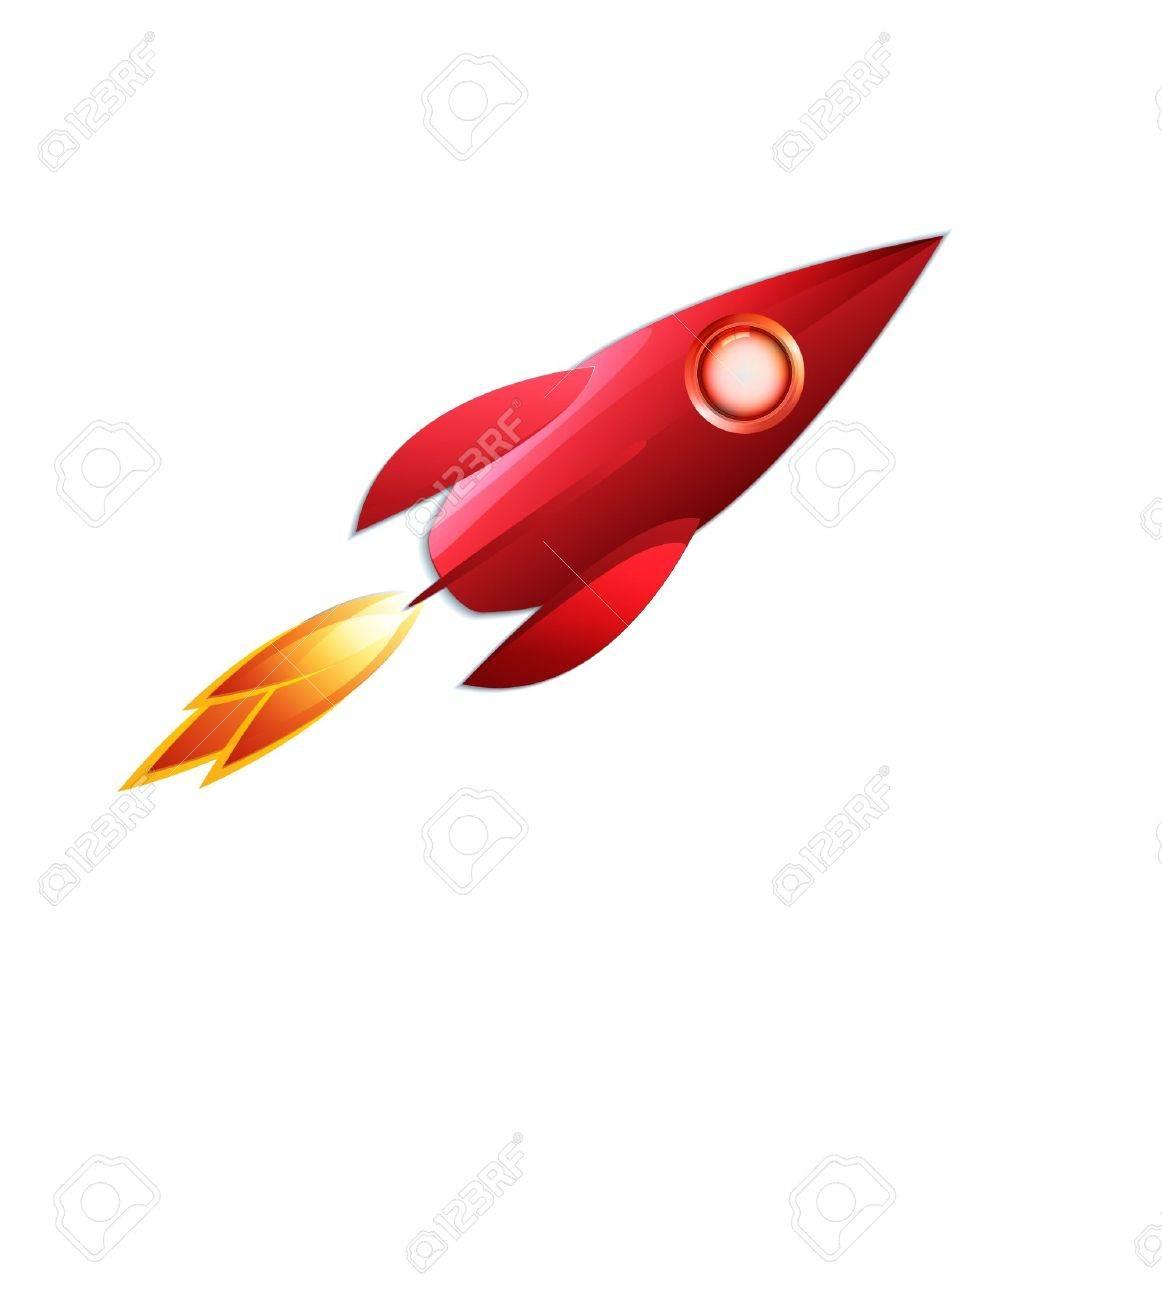 retro space rocket - 12497328